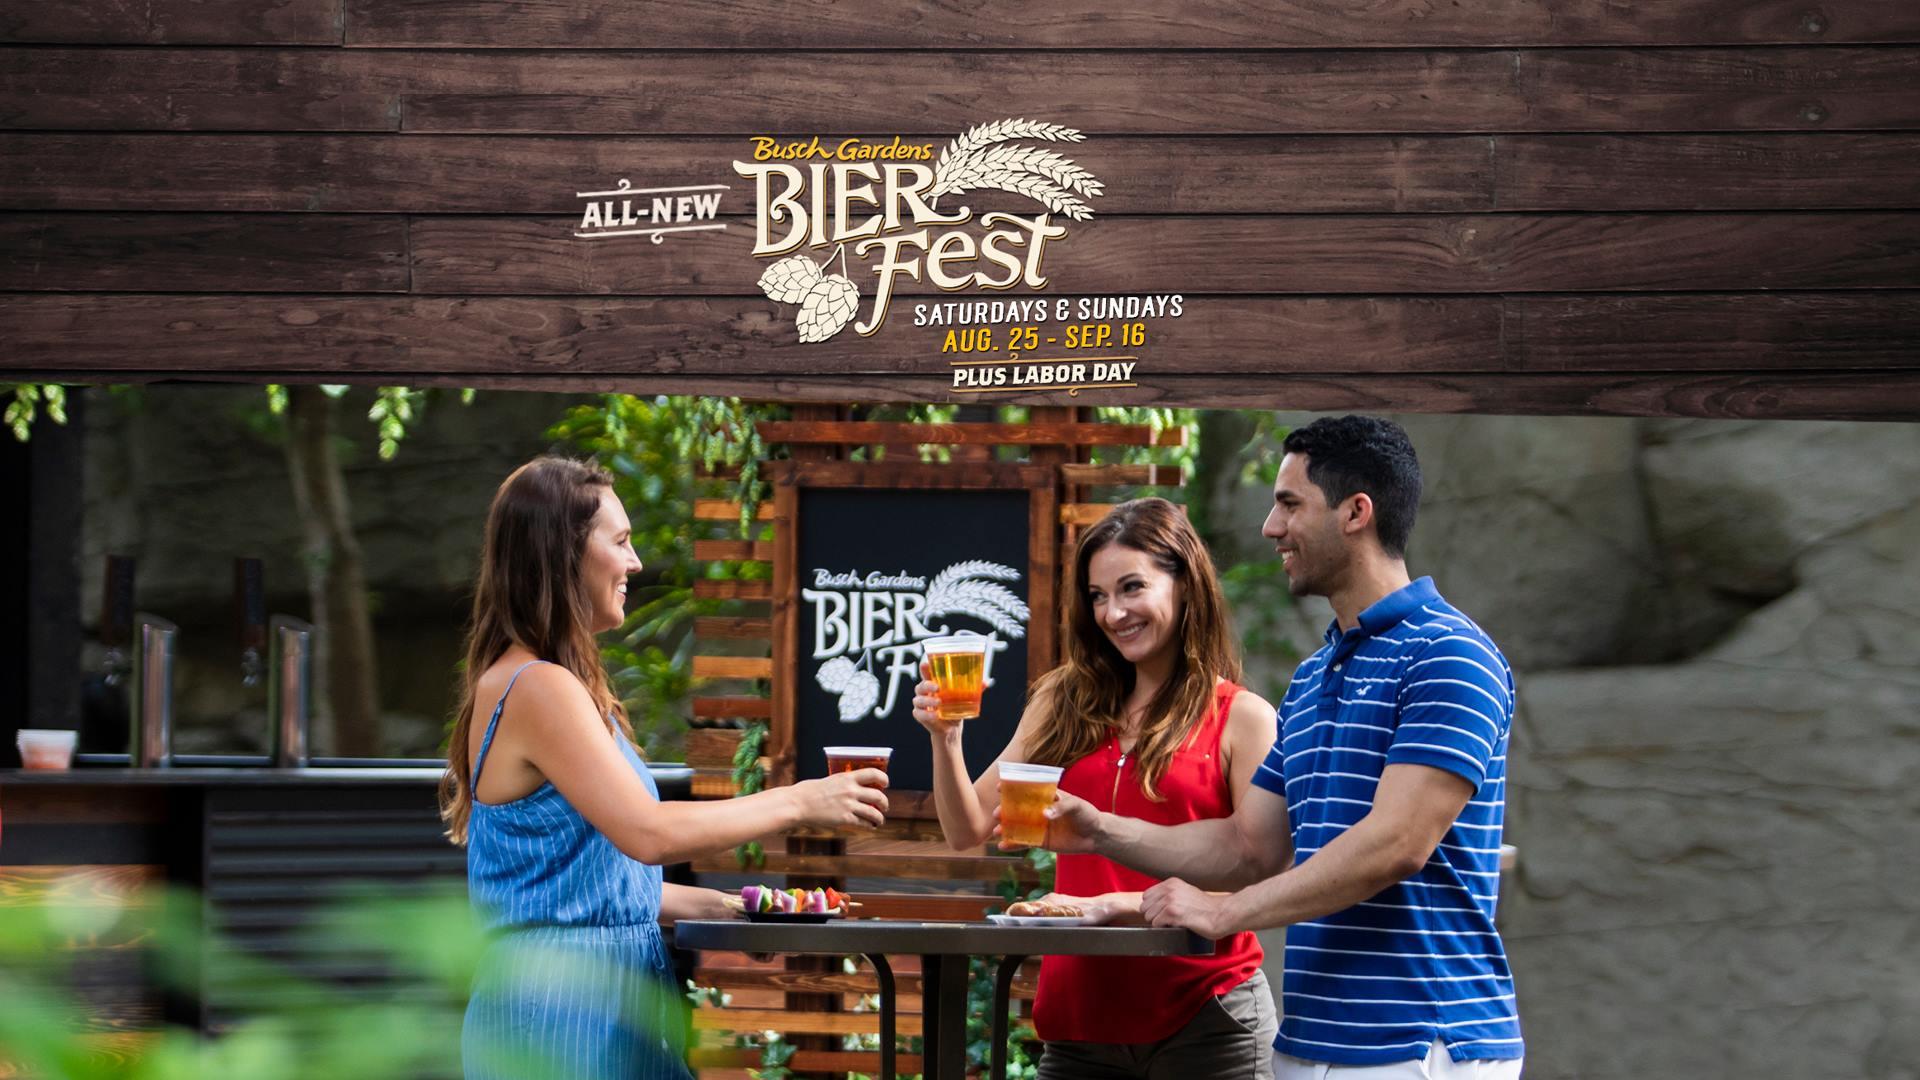 busch gardens tampa bay bier fest-min